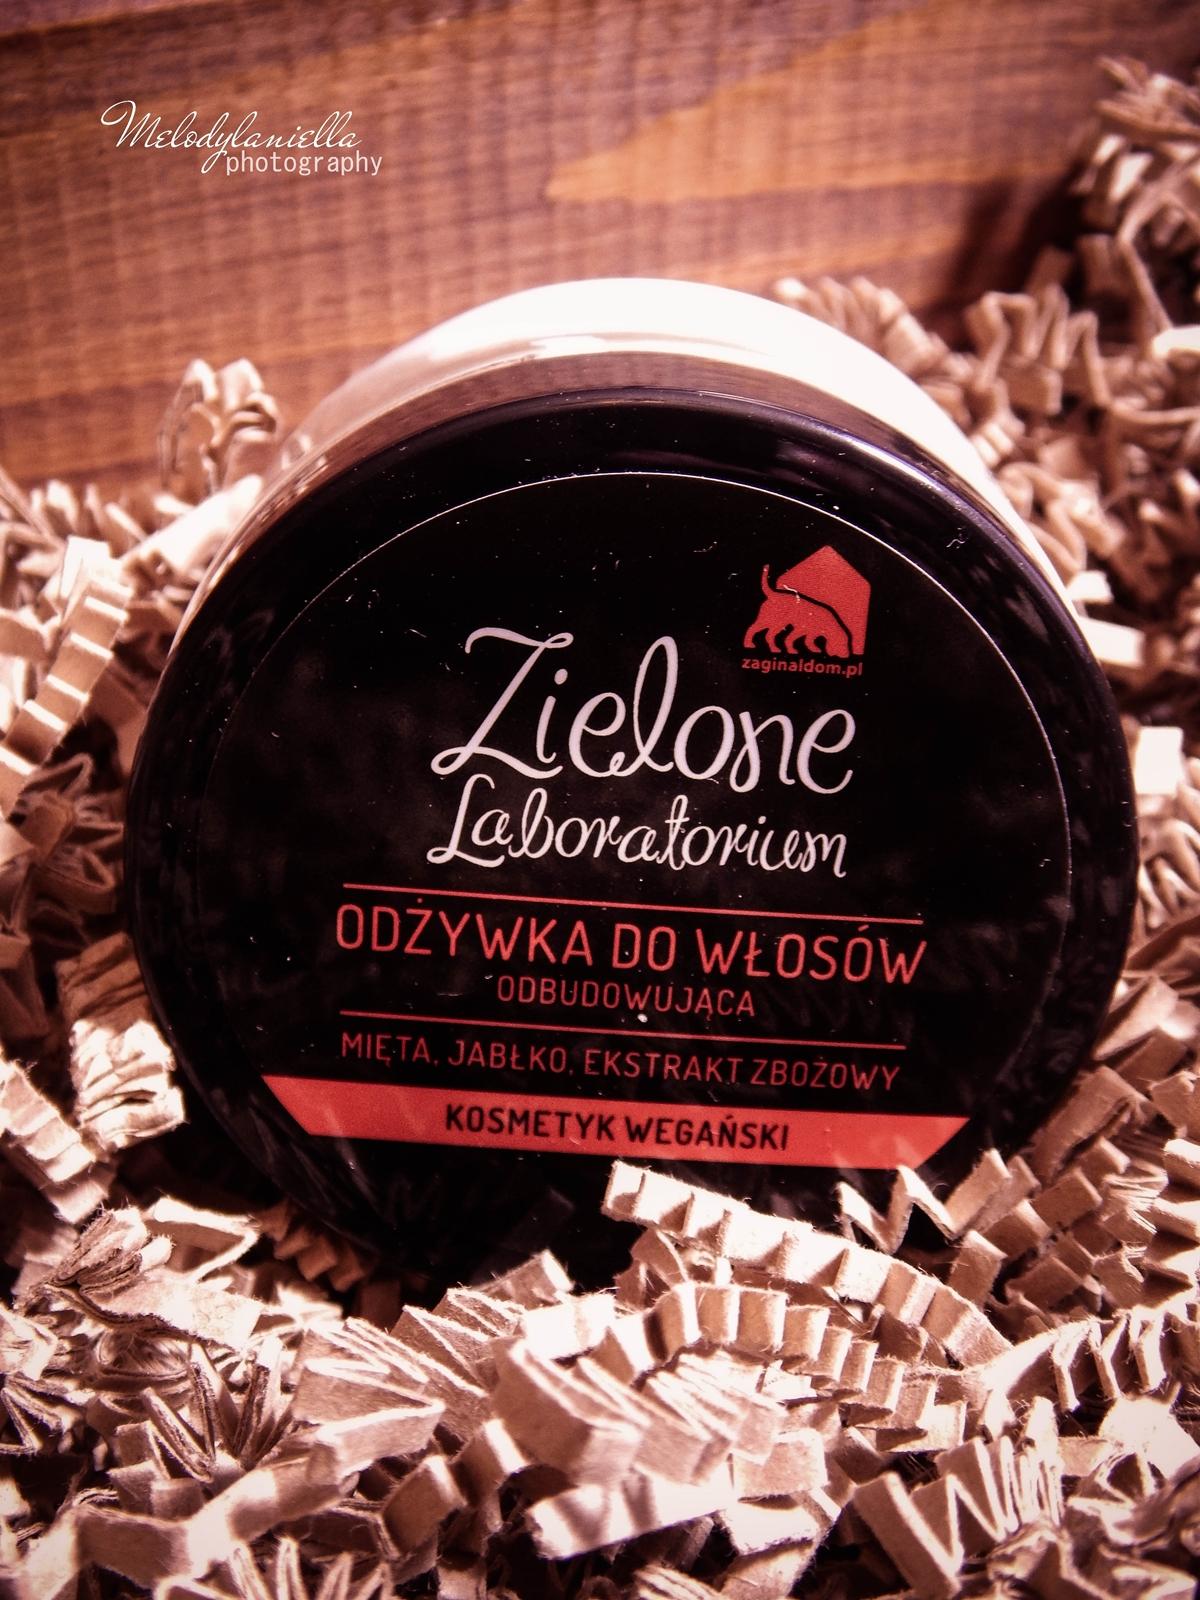 zielone laboratorium odżywka do włosów odbudowująca kosmetyki wegańskie żel do mycia szampon aromaterapeutyczny kosmetyki o mocnych zapachach olejki eteryczne kosmetyki naturalne melodylaniella mask